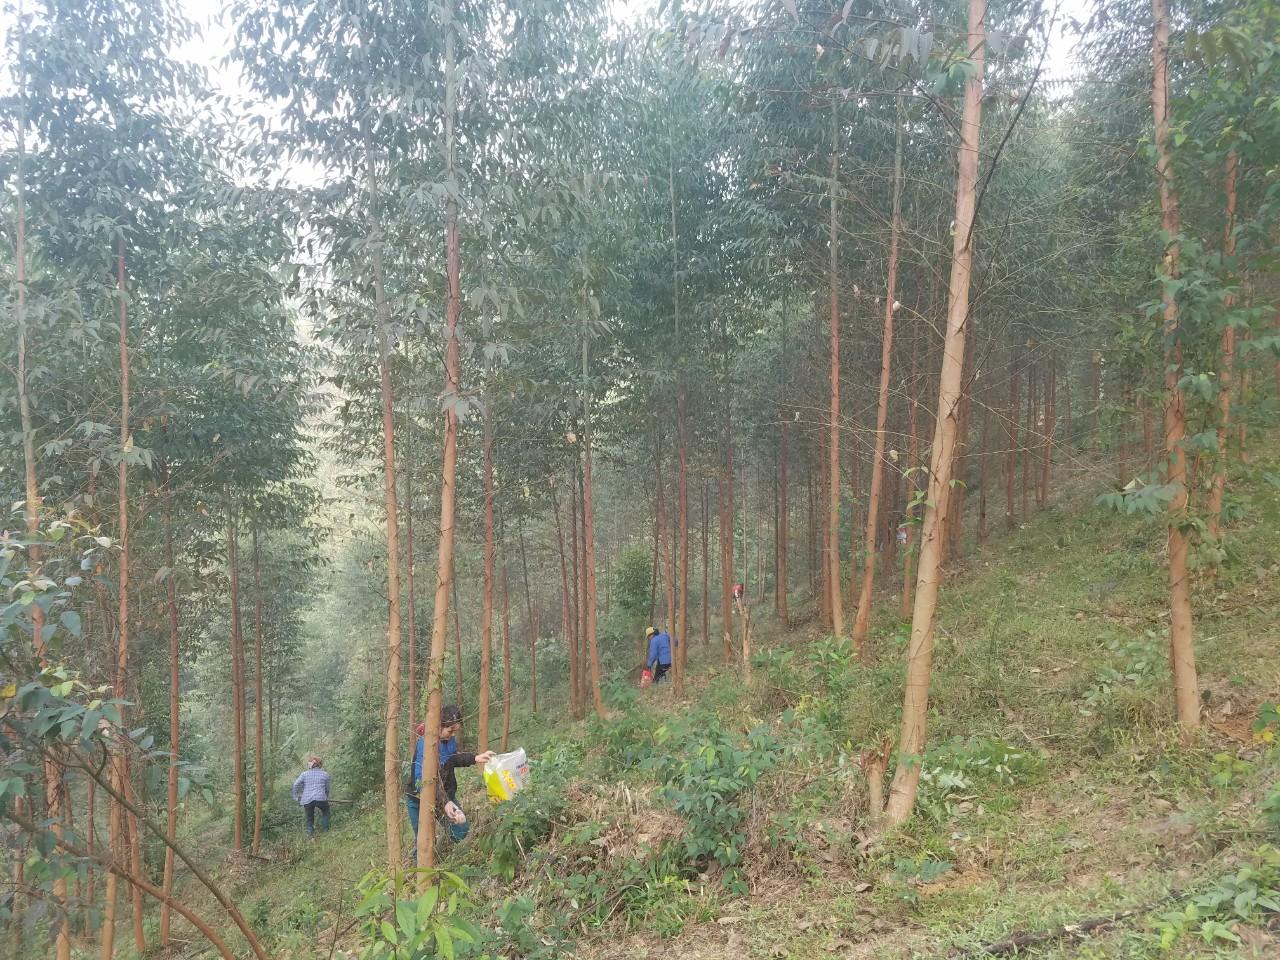 Người dân xã Đội Cấn phát triển kinh tế đồi rừng.